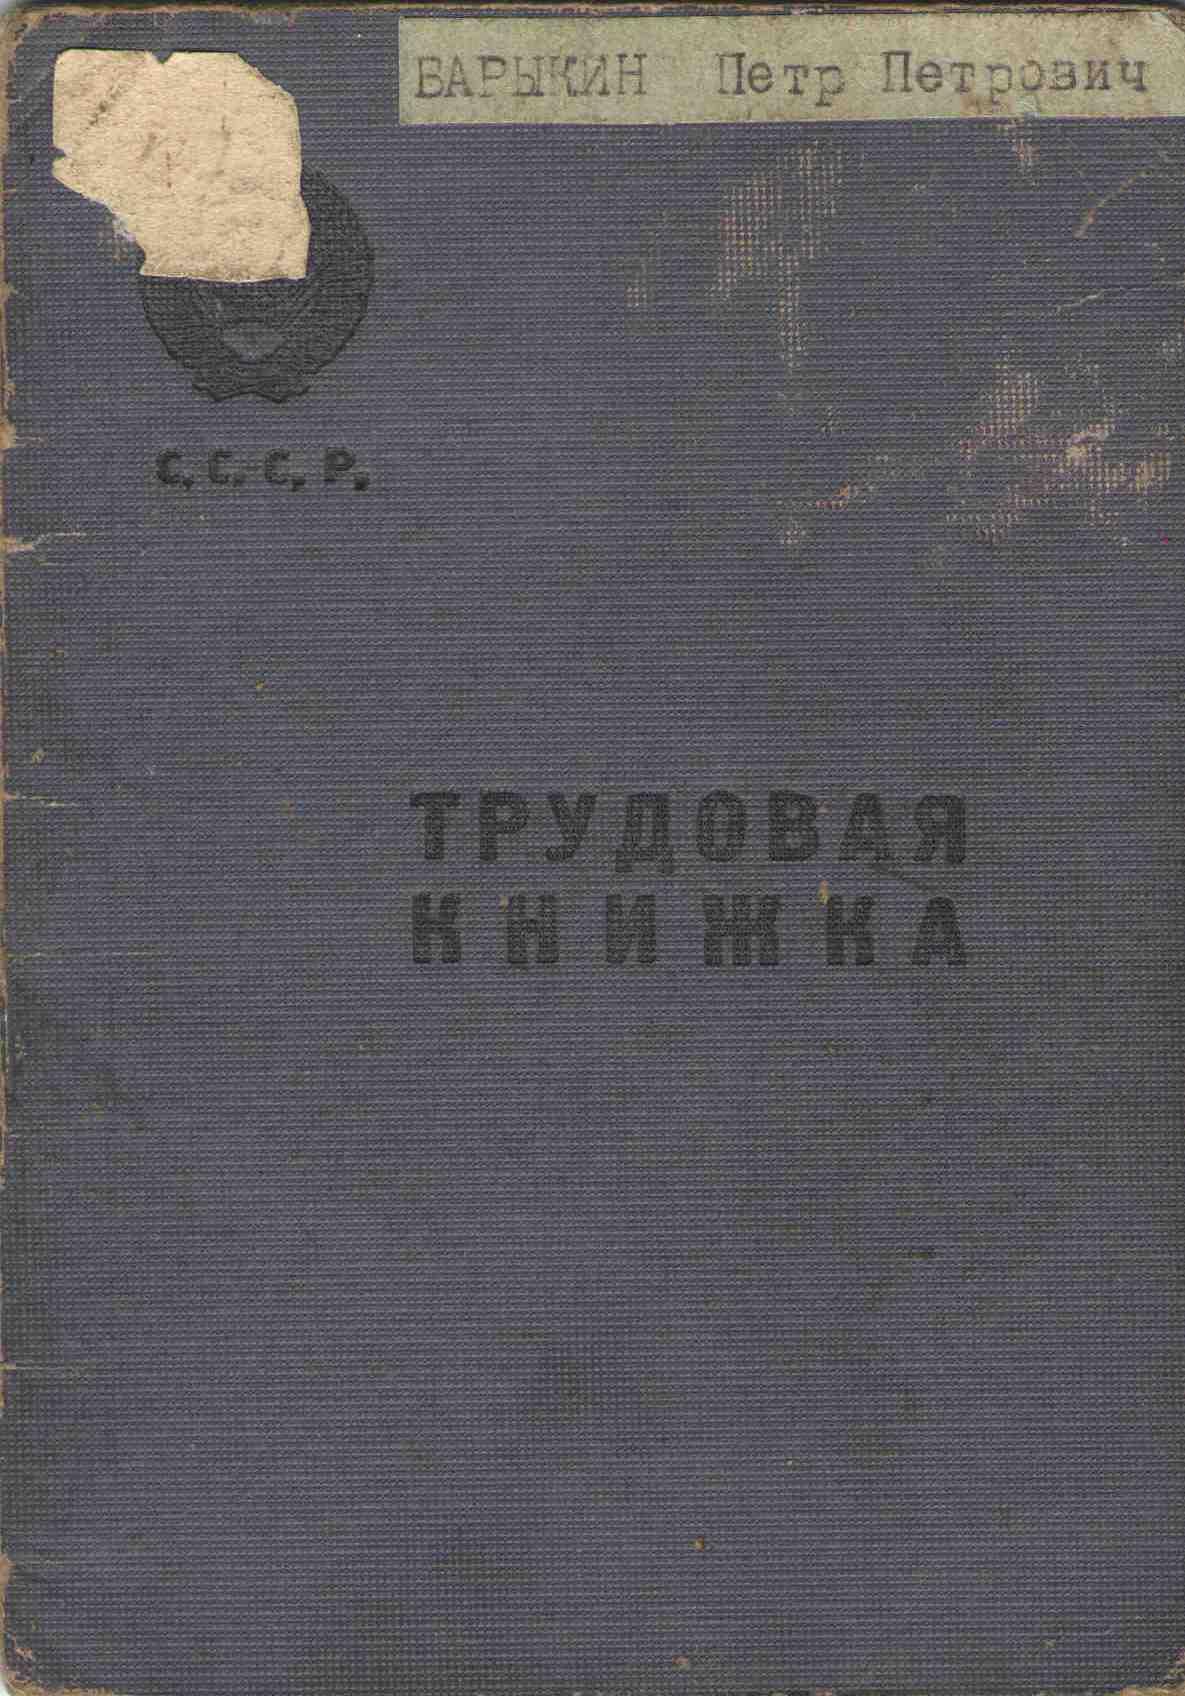 27. Трудовая книжка Барыкина ПП, 1951